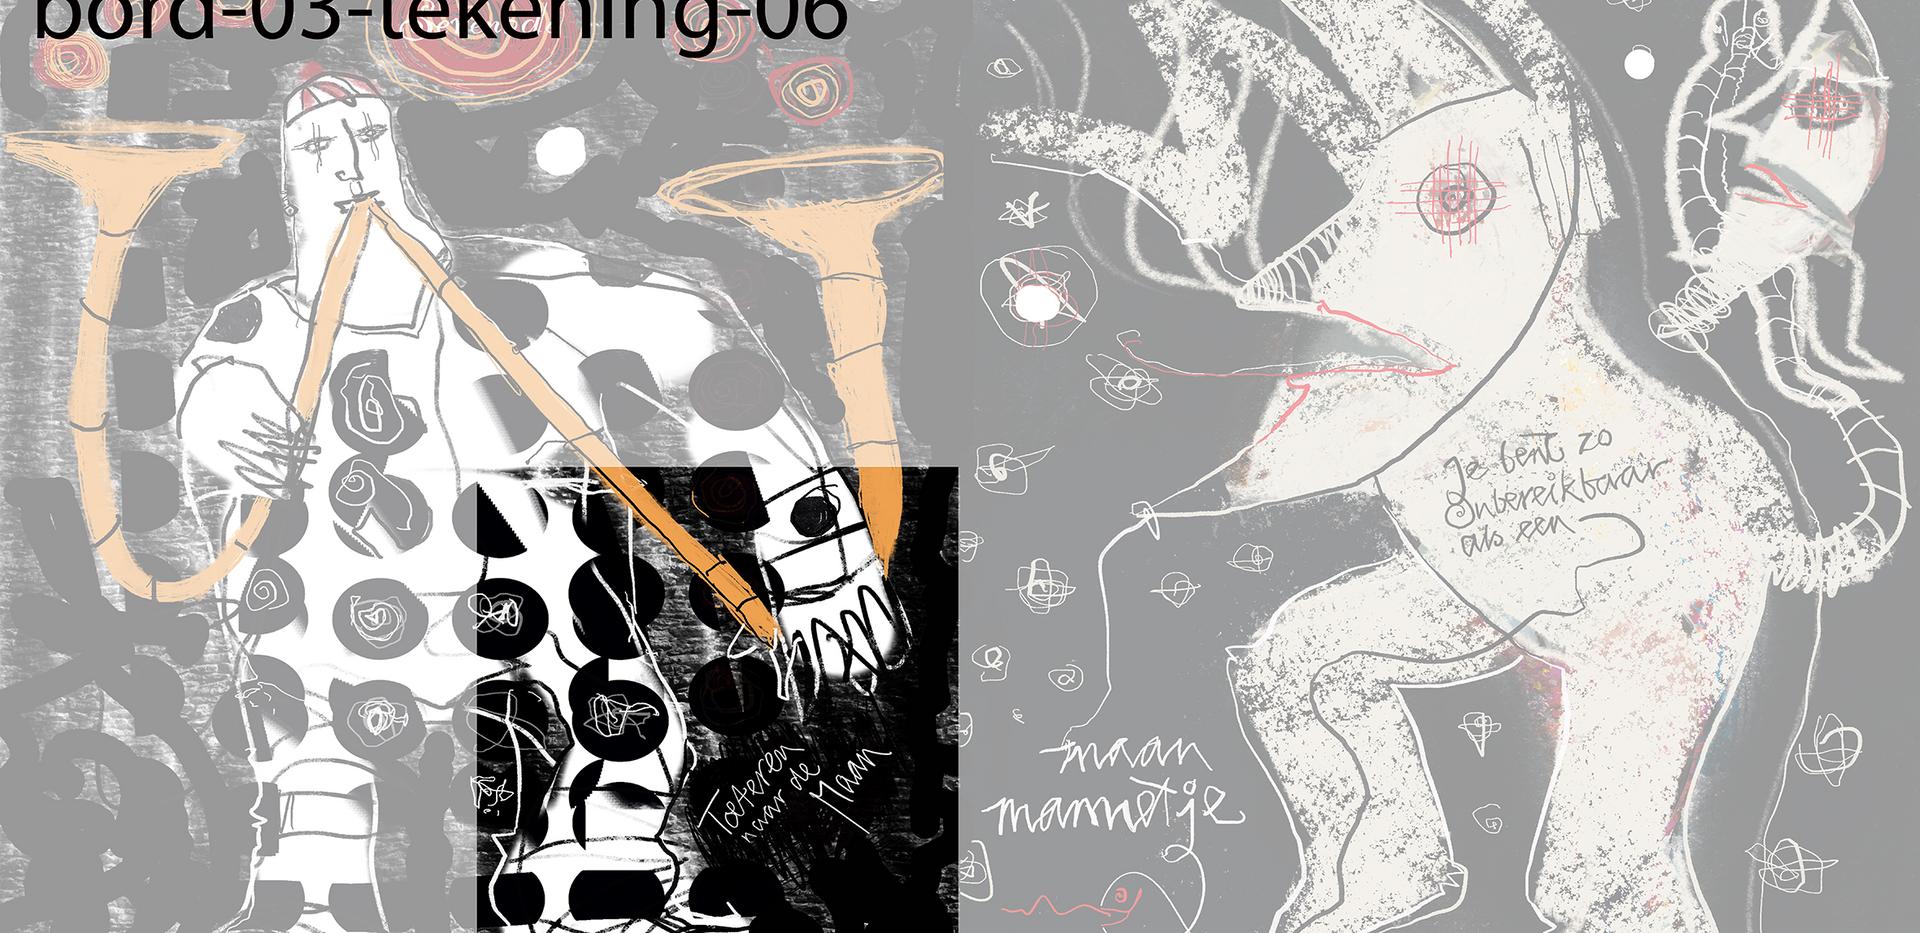 bord-03-tekening-06.png